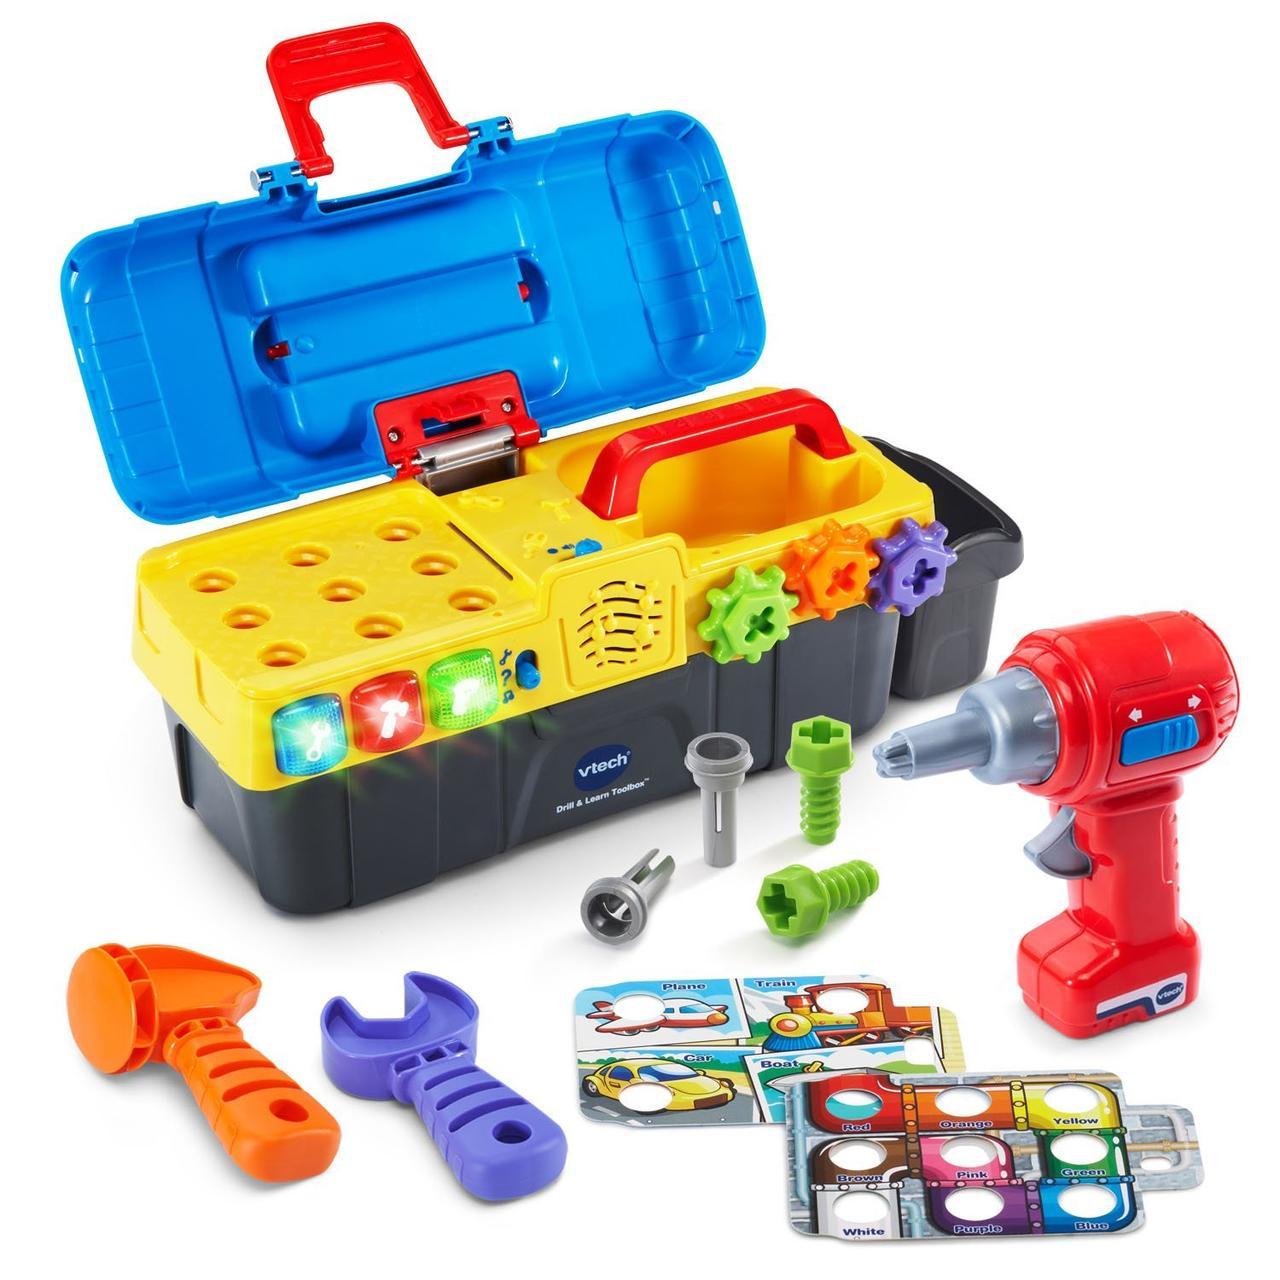 VTech Набор инструментов в чемоданчике Drill & Learn Toolbox Toy оригинал США